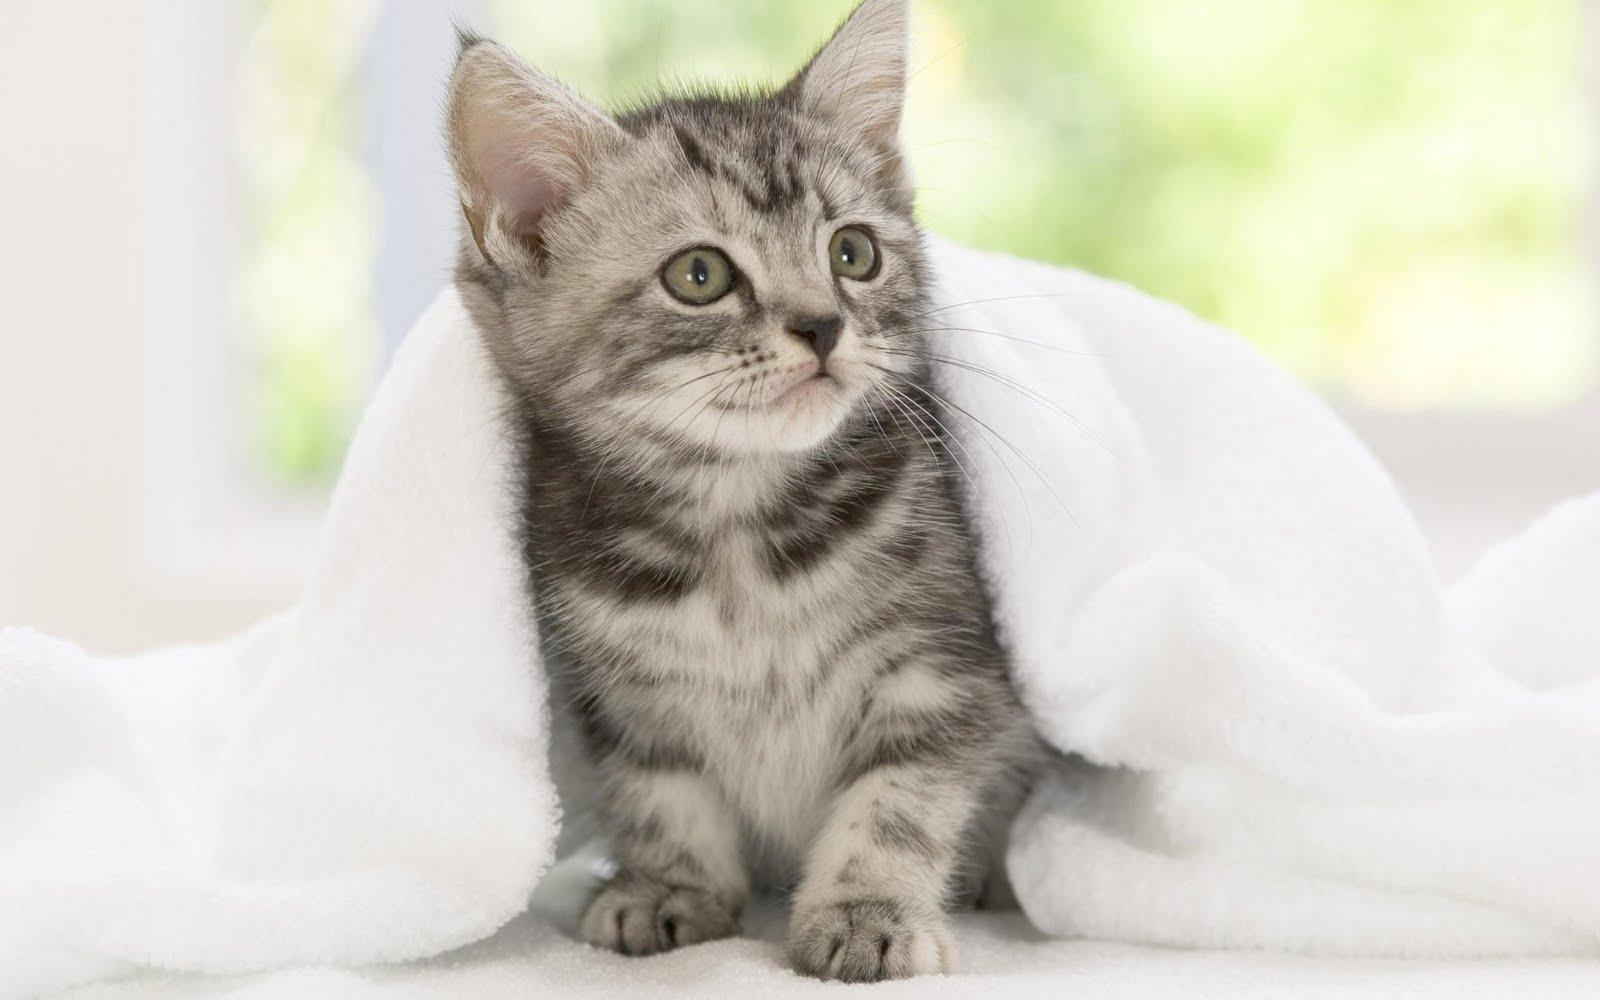 http://4.bp.blogspot.com/_KLJU3hHDGVM/S-lCtBUcy8I/AAAAAAAAB-A/OJ7s6kmV7ww/s1600/cats+%282%29.jpg